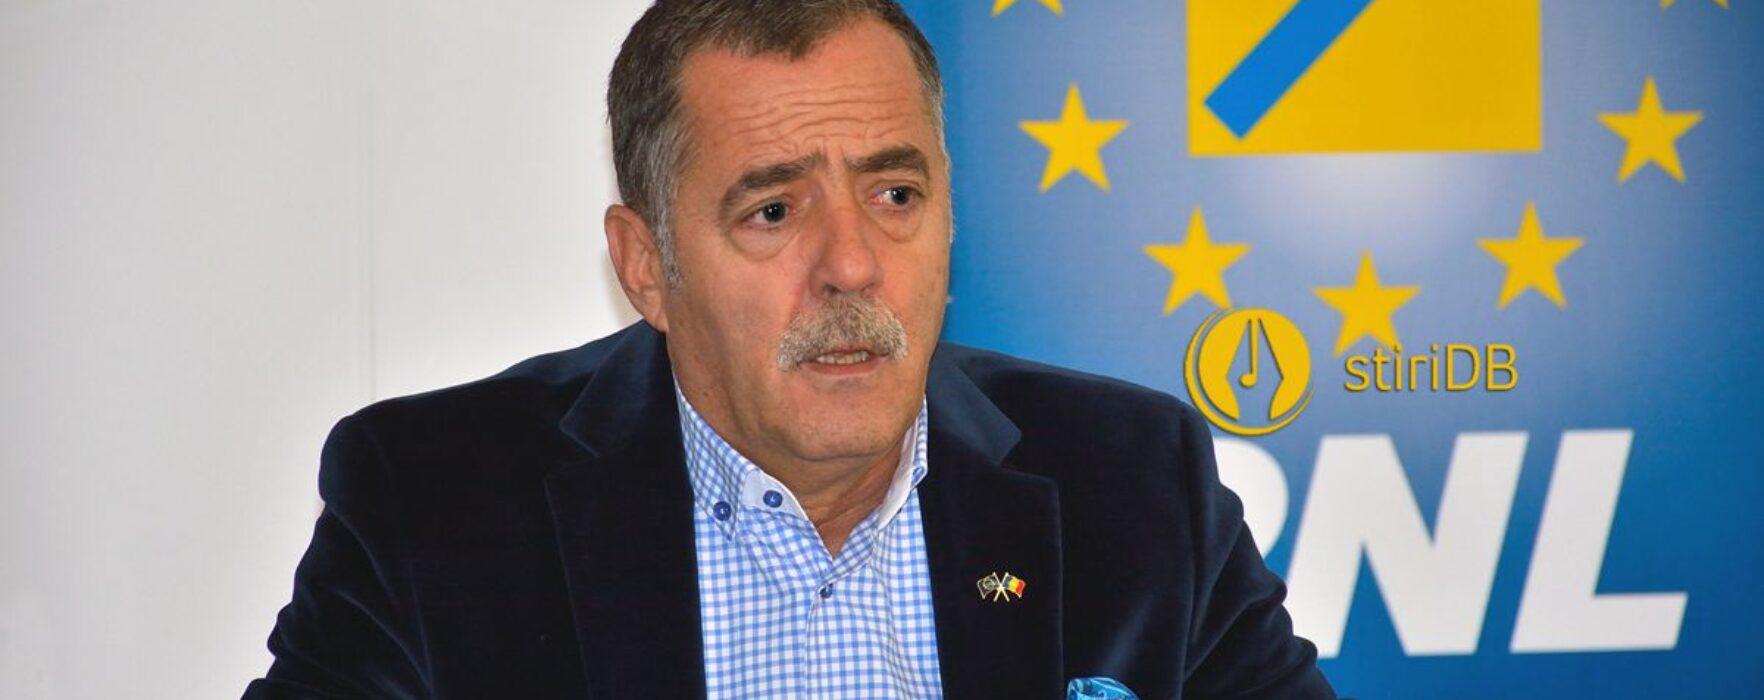 #parlamentare2016 Cezar Preda deschide lista candidaţilor PNL Dâmboviţa  la Camera Deputaţilor